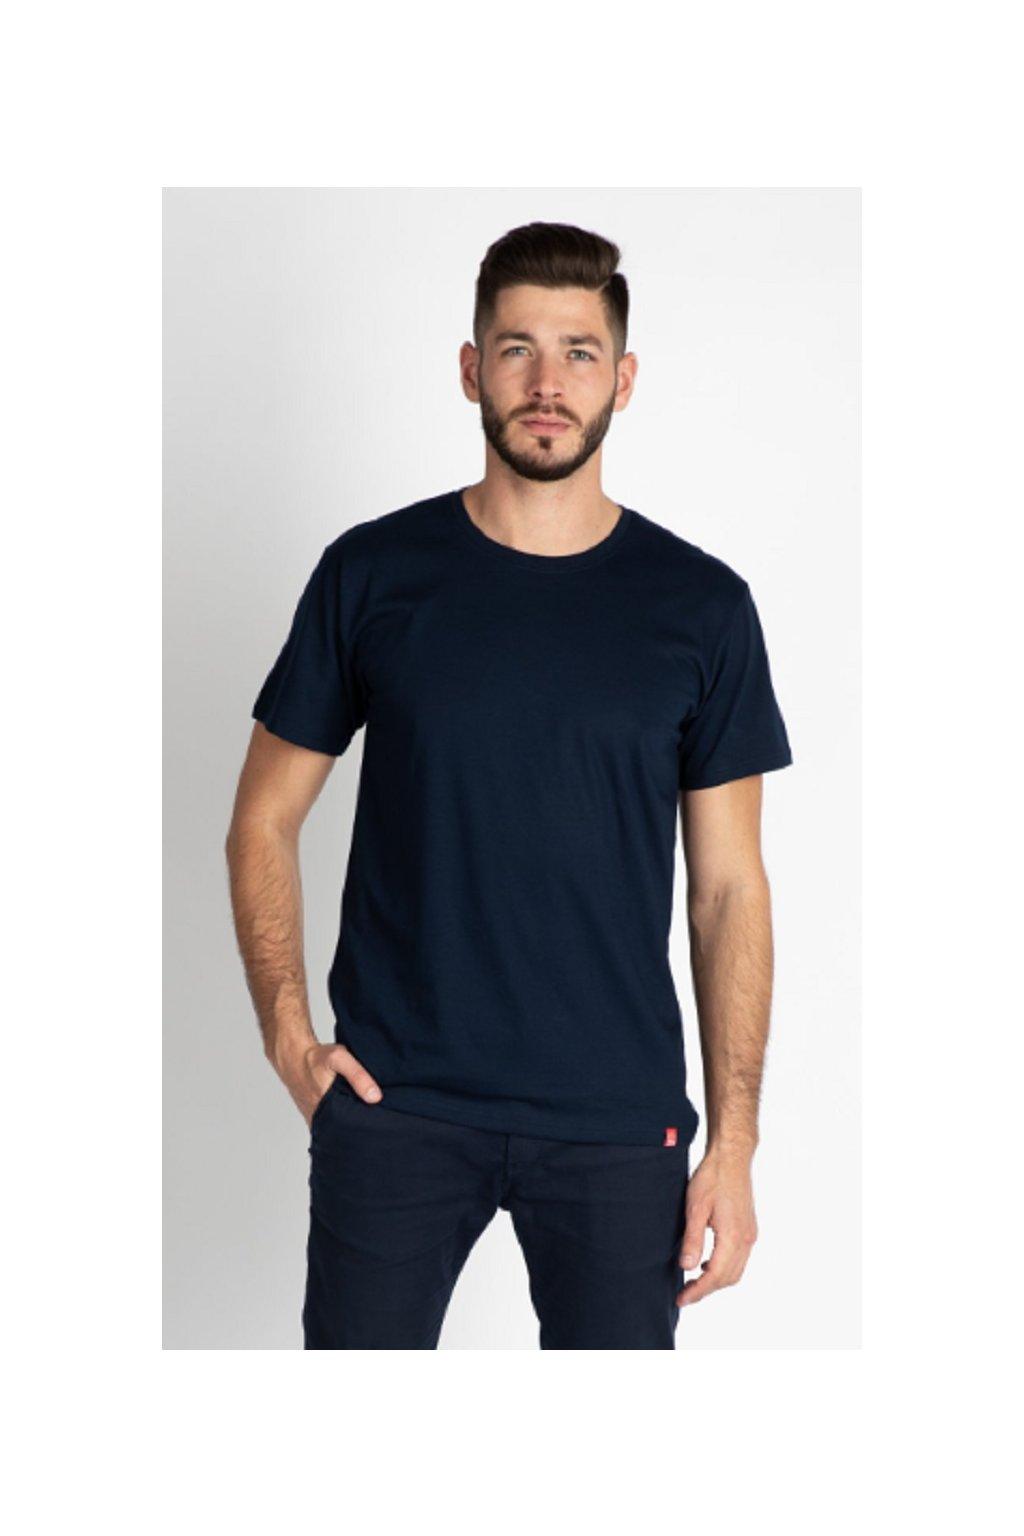 CityZen bavlněné triko Basic NAVY kulatý střih obr1